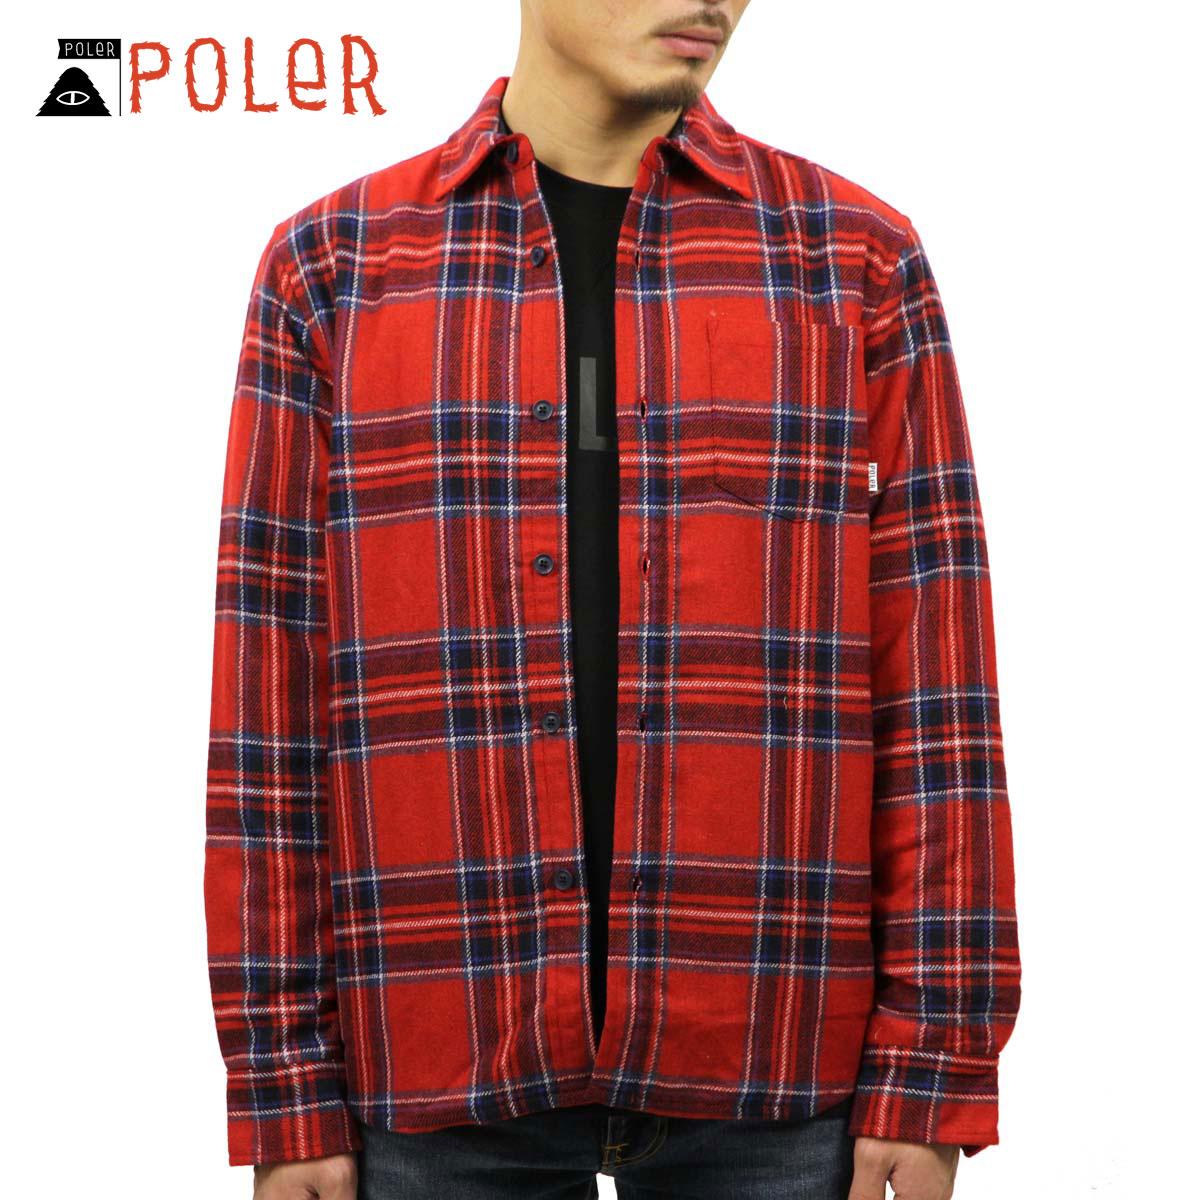 ポーラー POLER 正規販売店 メンズ 長袖シャツ TONIO SHIRT JACKET 21610001-RDS REDDISH